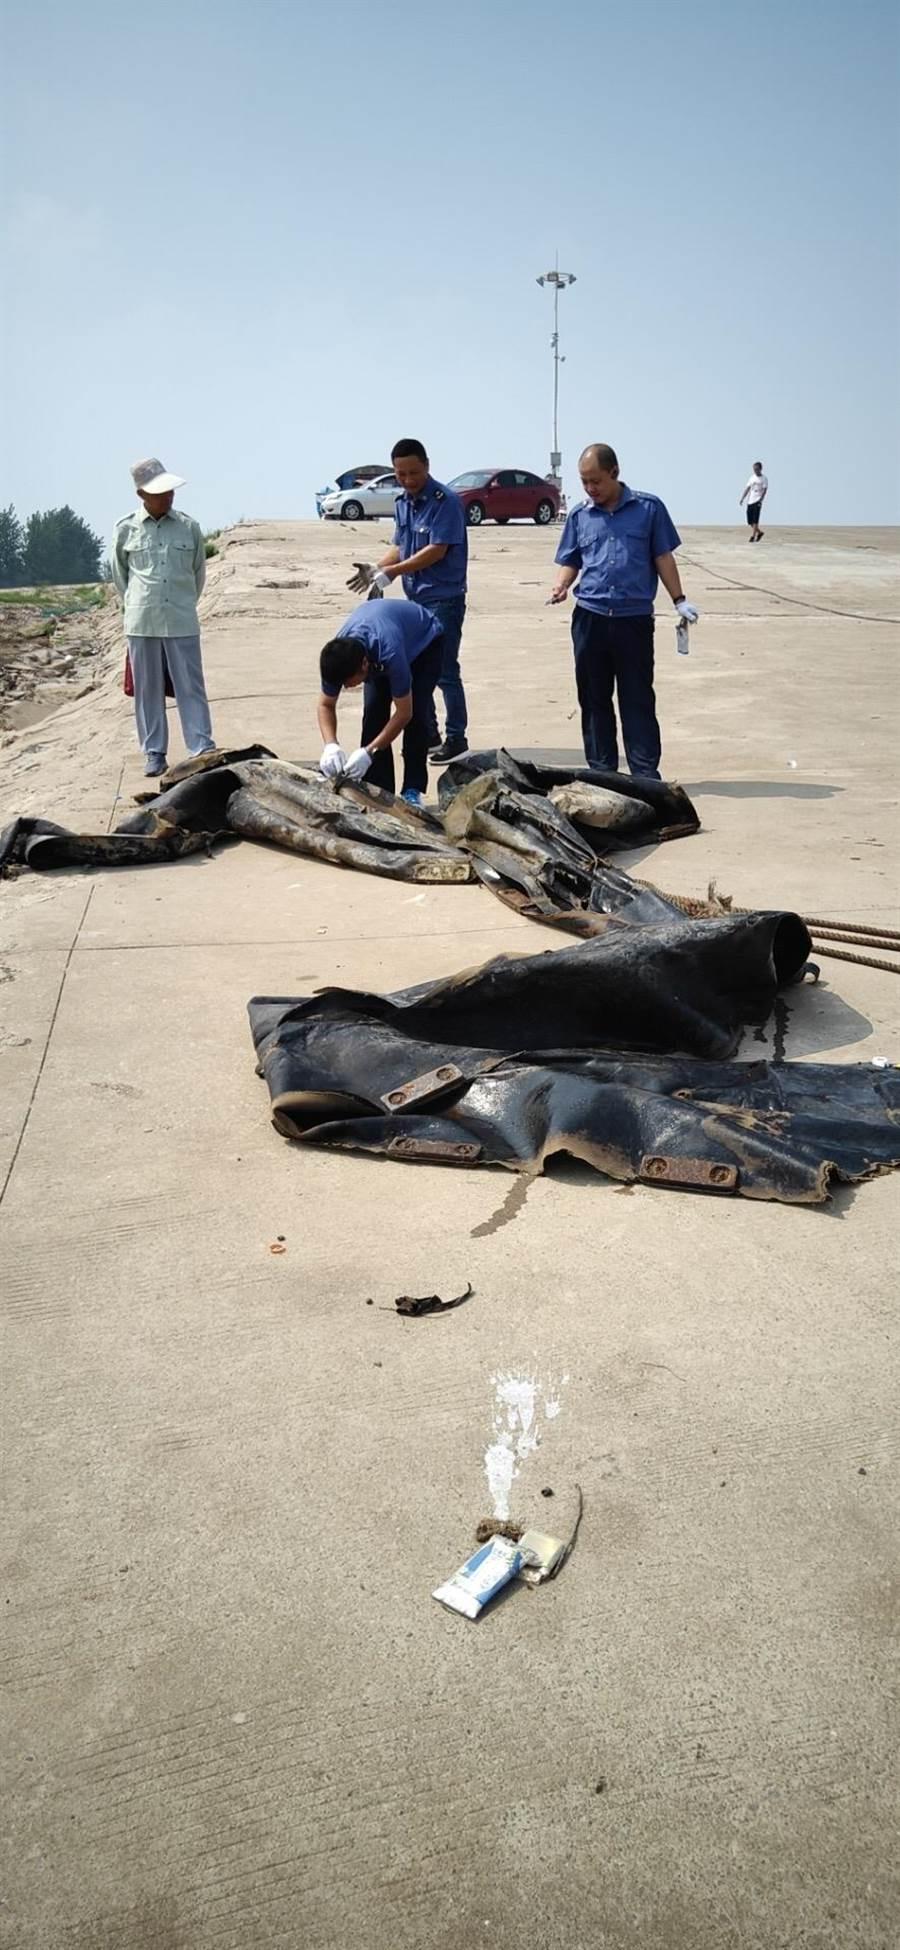 「三峡水怪」原来是废弃橡皮气囊。(照片取自澎湃新闻)